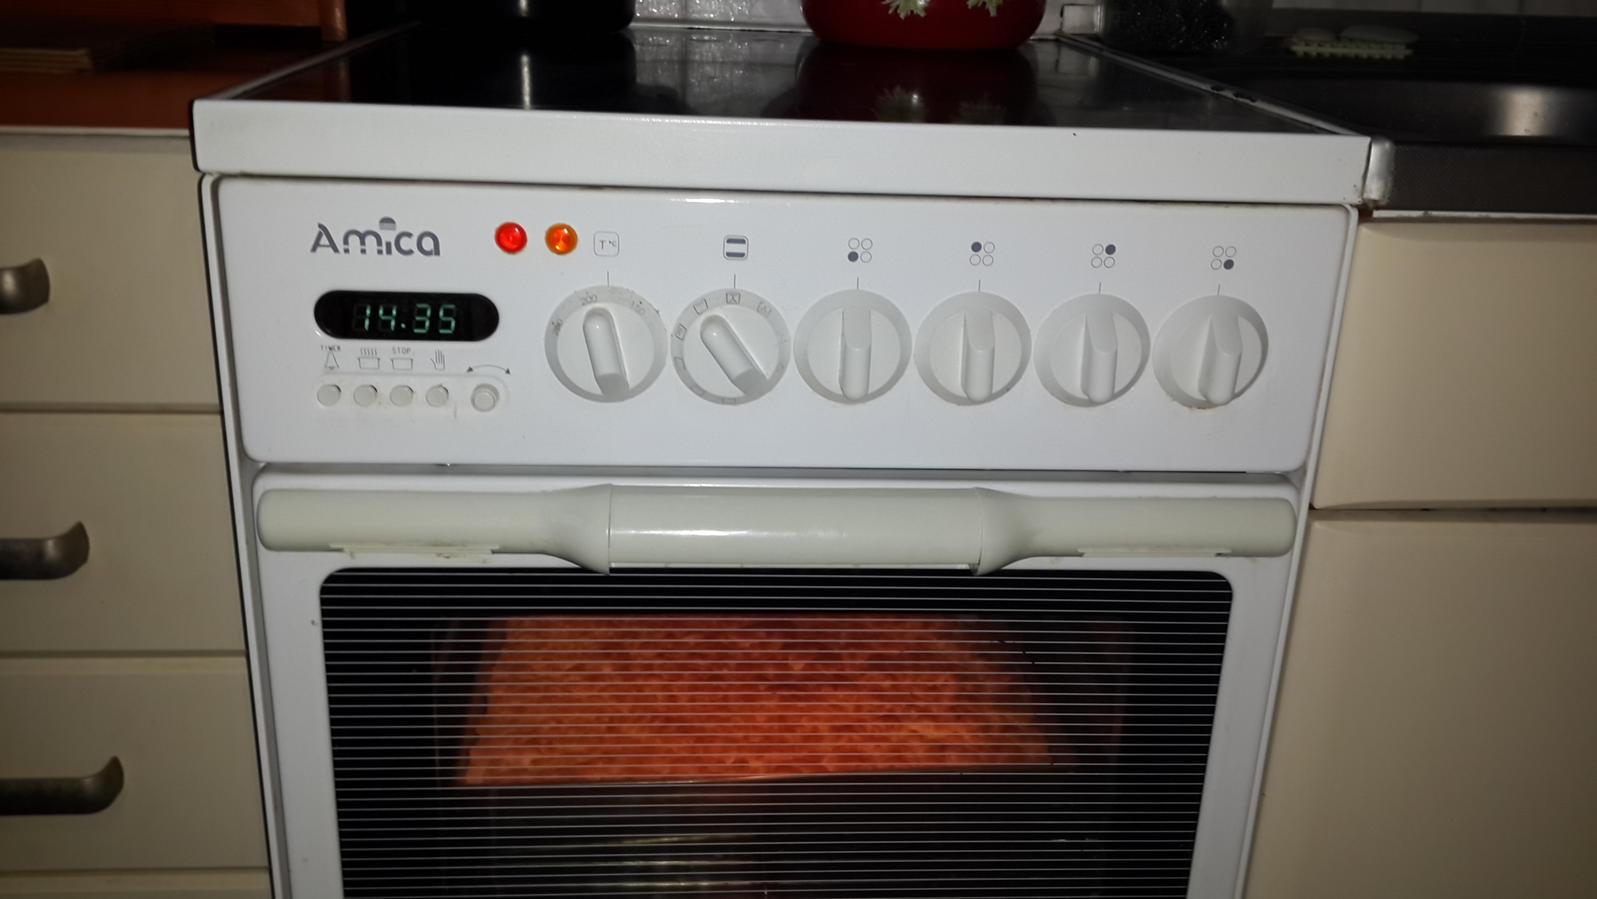 kuchenka Amica z płytą ceramiczną  elektroda pl # Kuchnia Gazowa Amica Z Plytą Ceramiczną